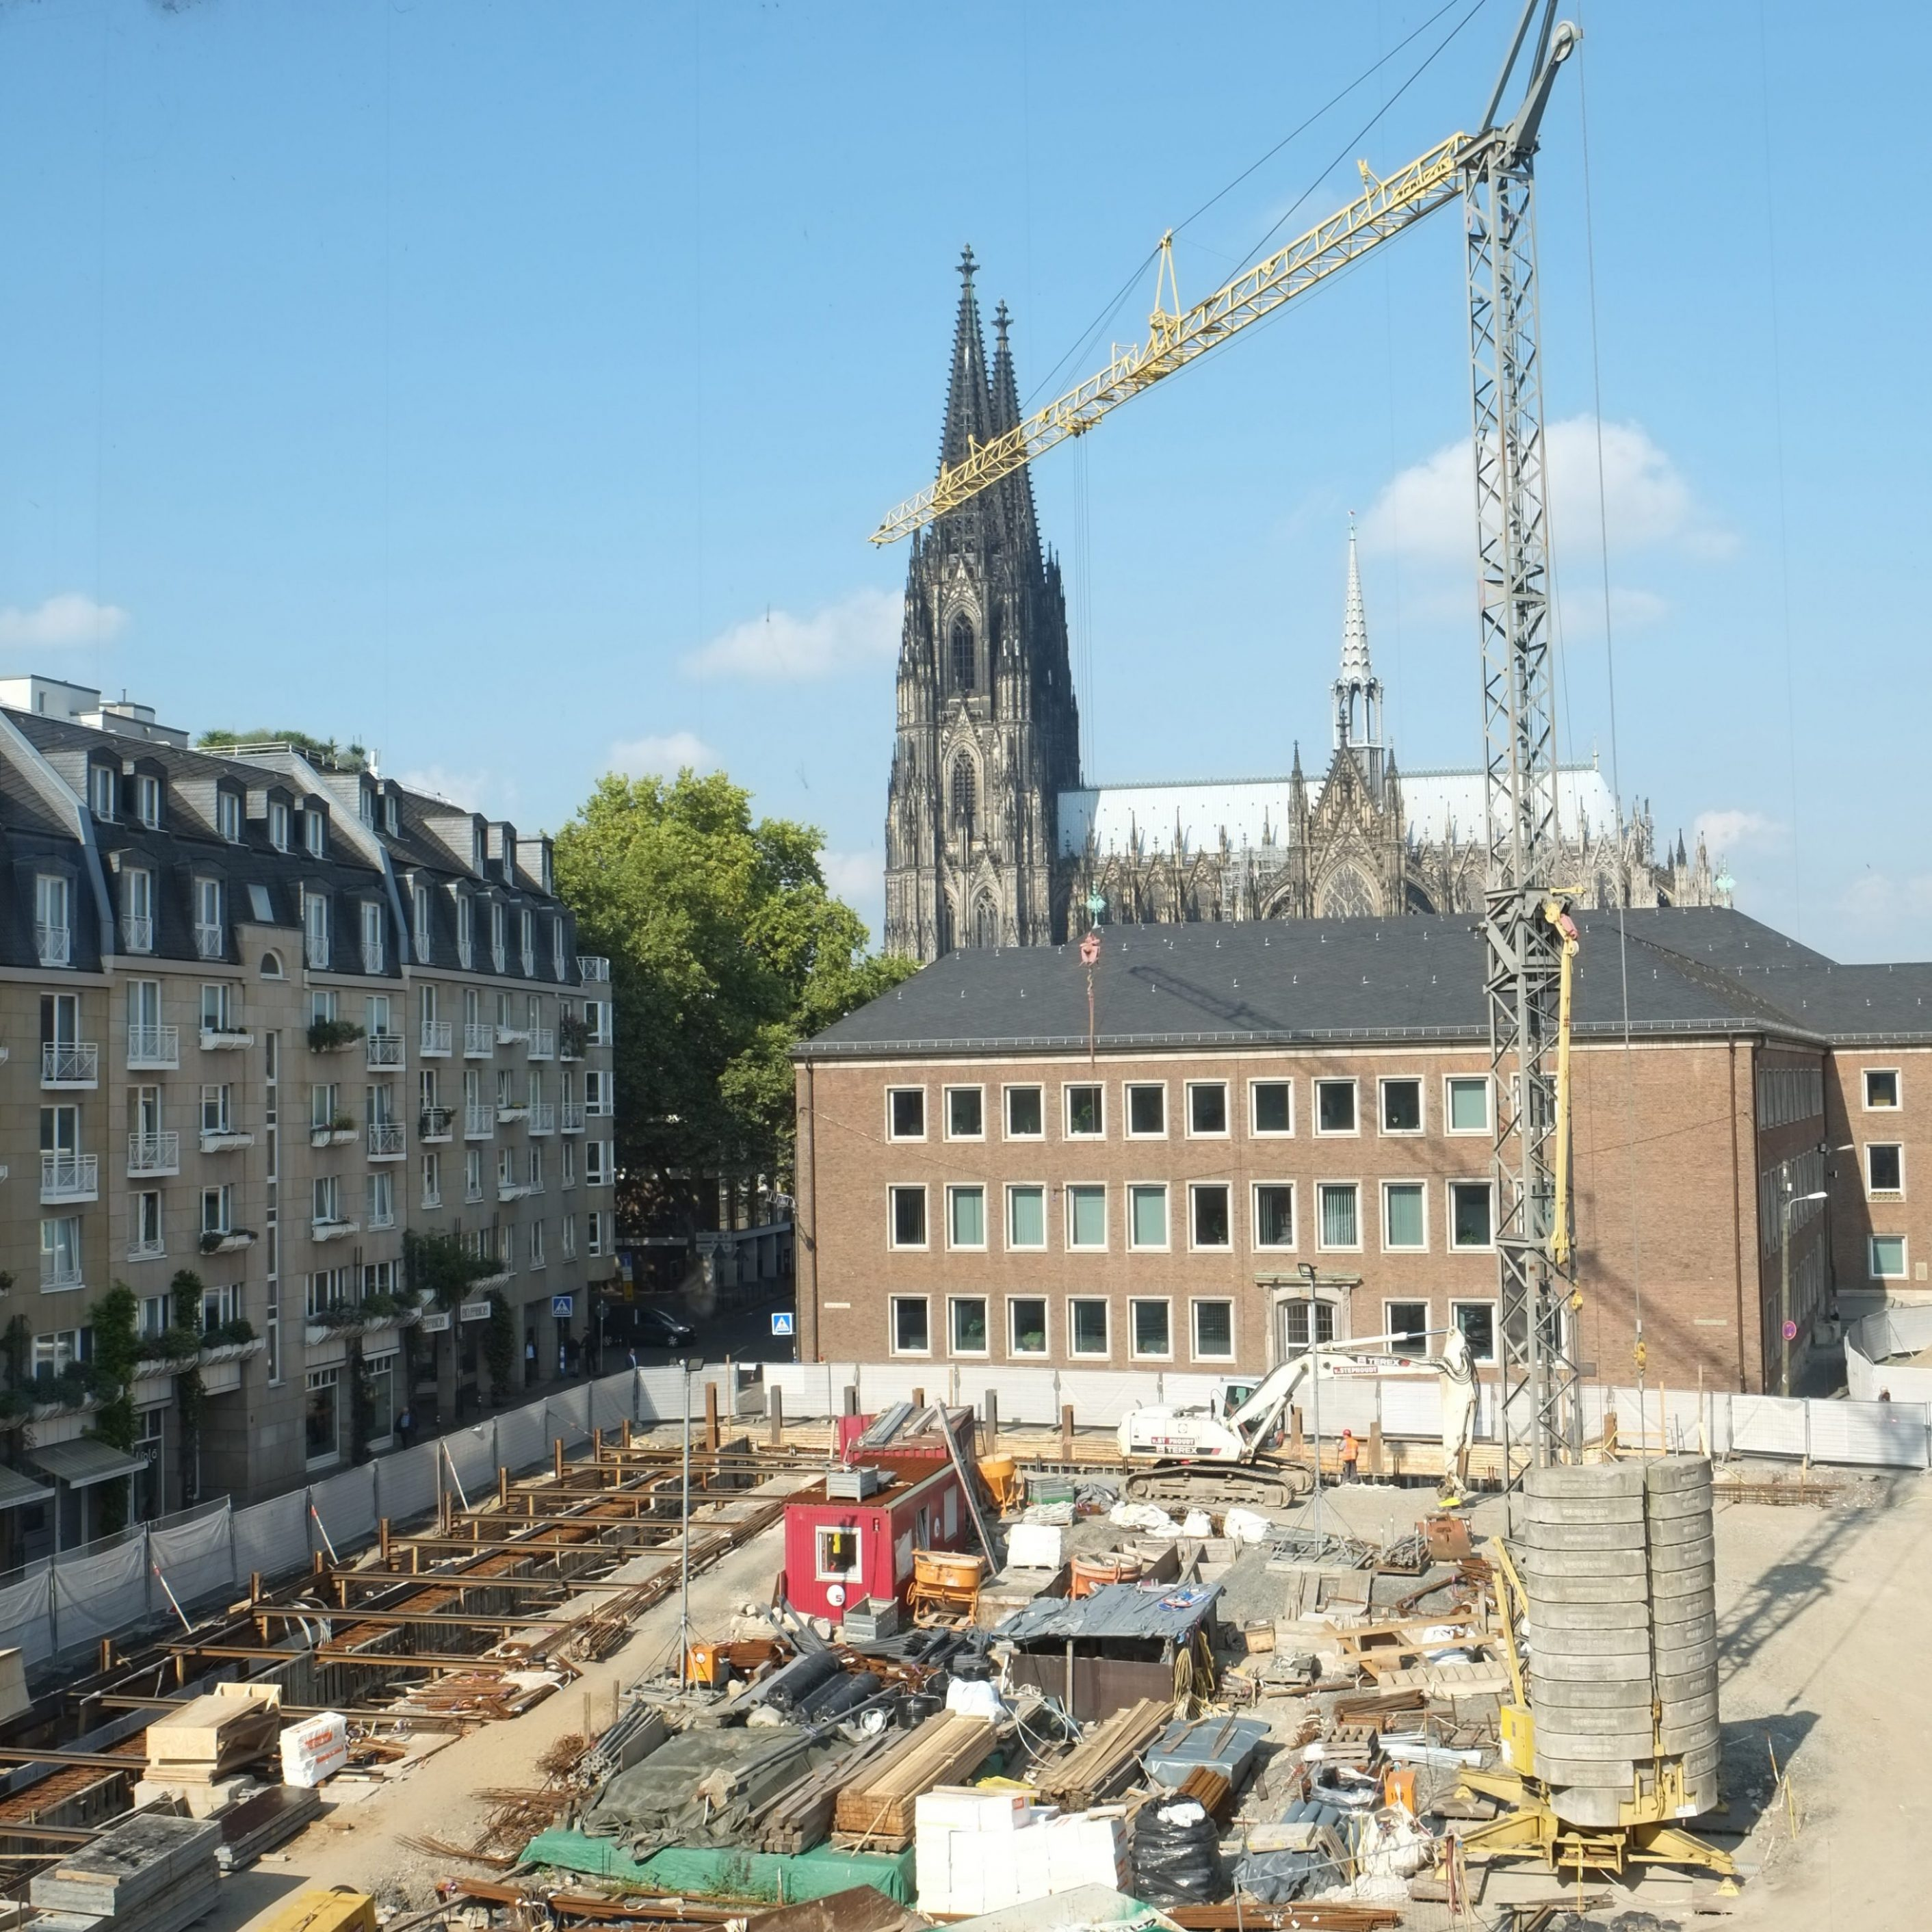 Baustelle mit Baukran. Im Hintergrund der Kölner Dom.